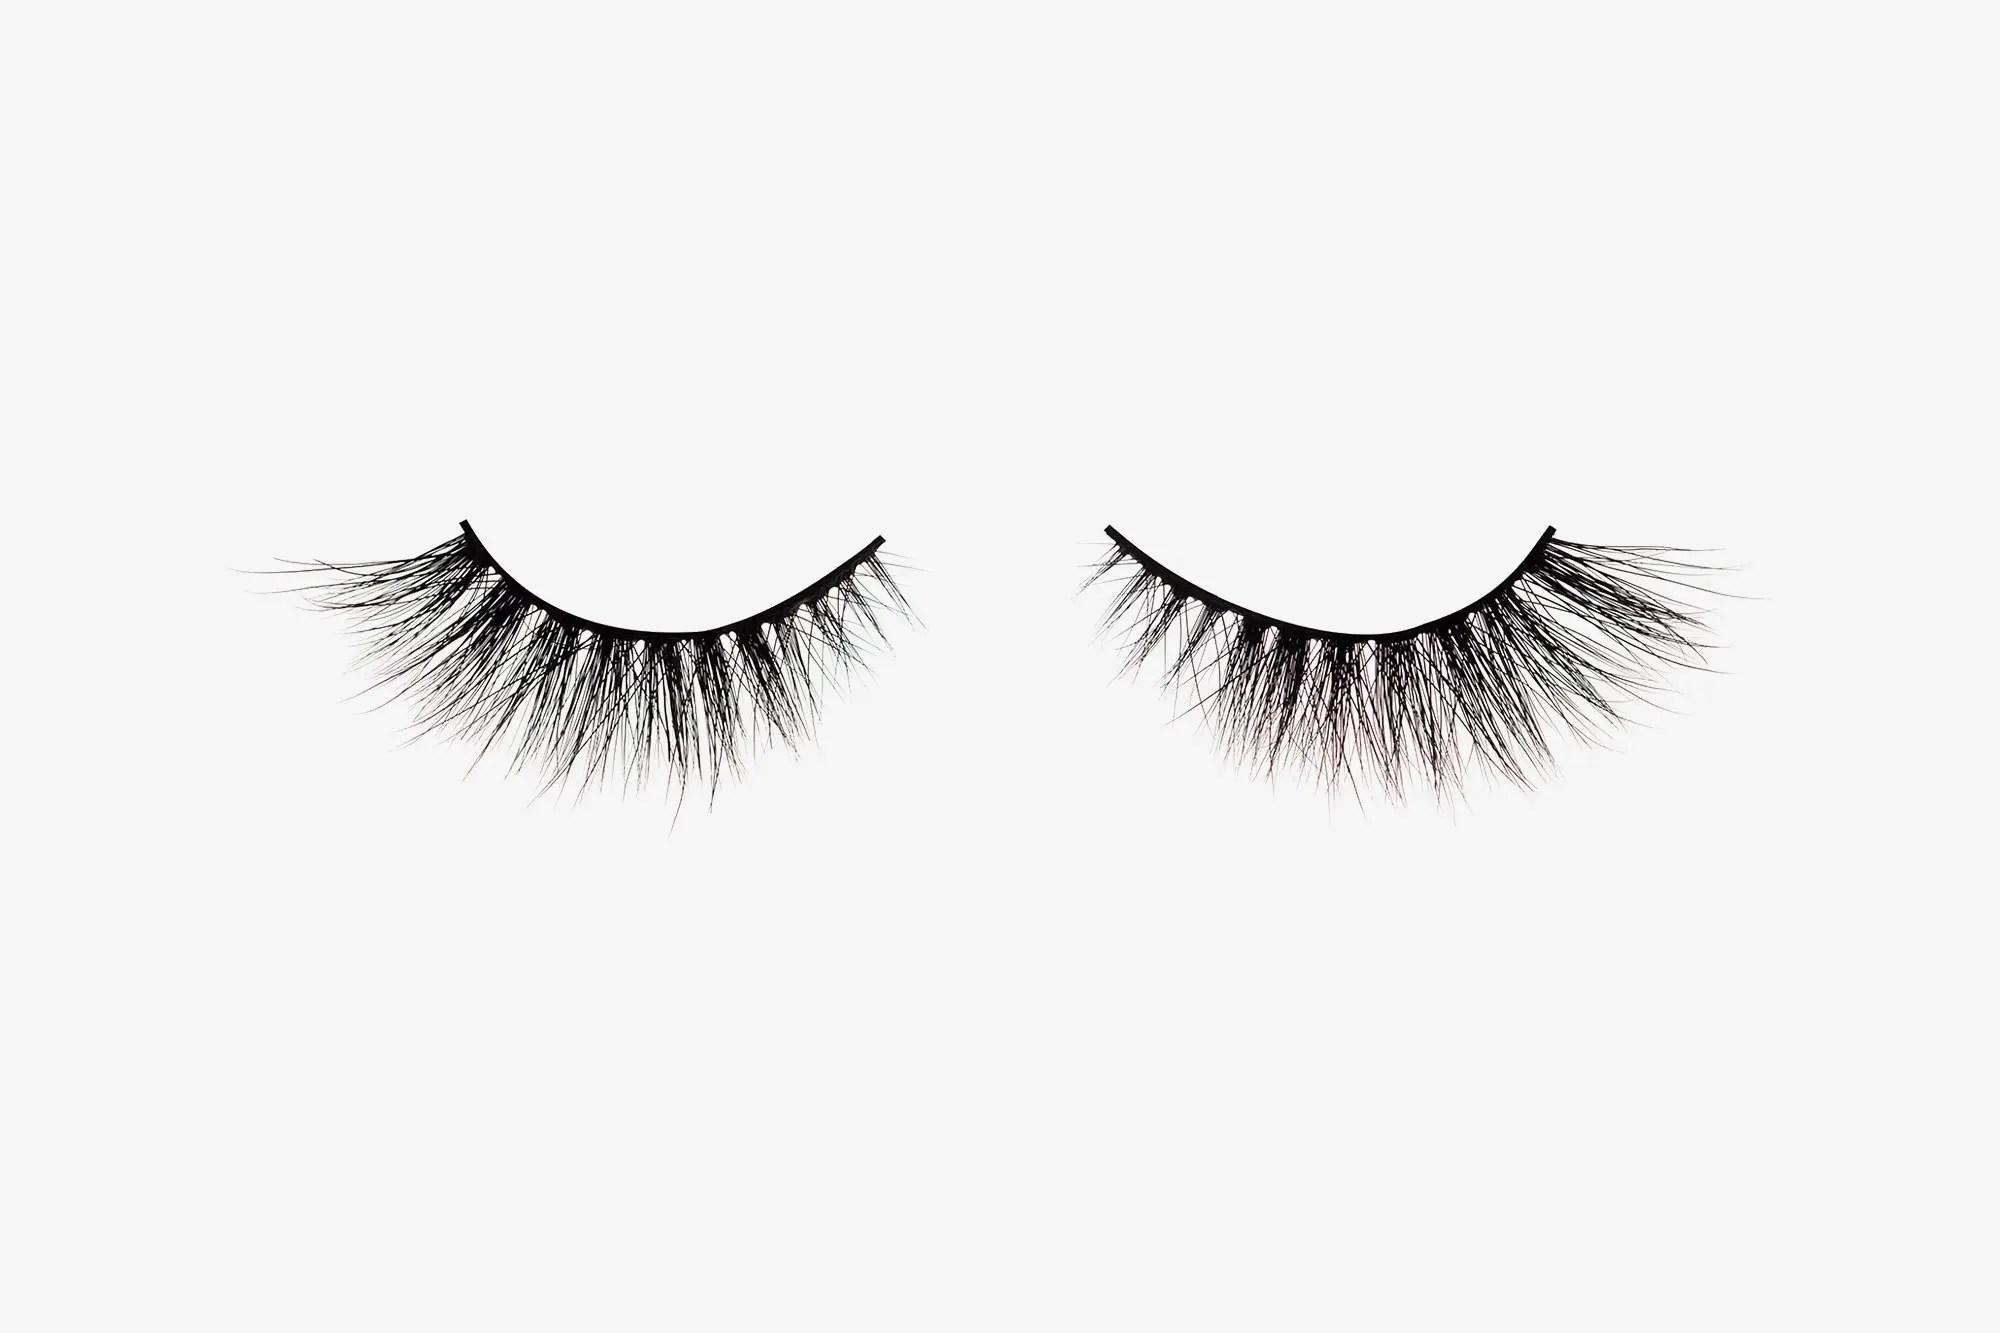 Anya Mink Lashes, two false eyelashes side by side on grey background